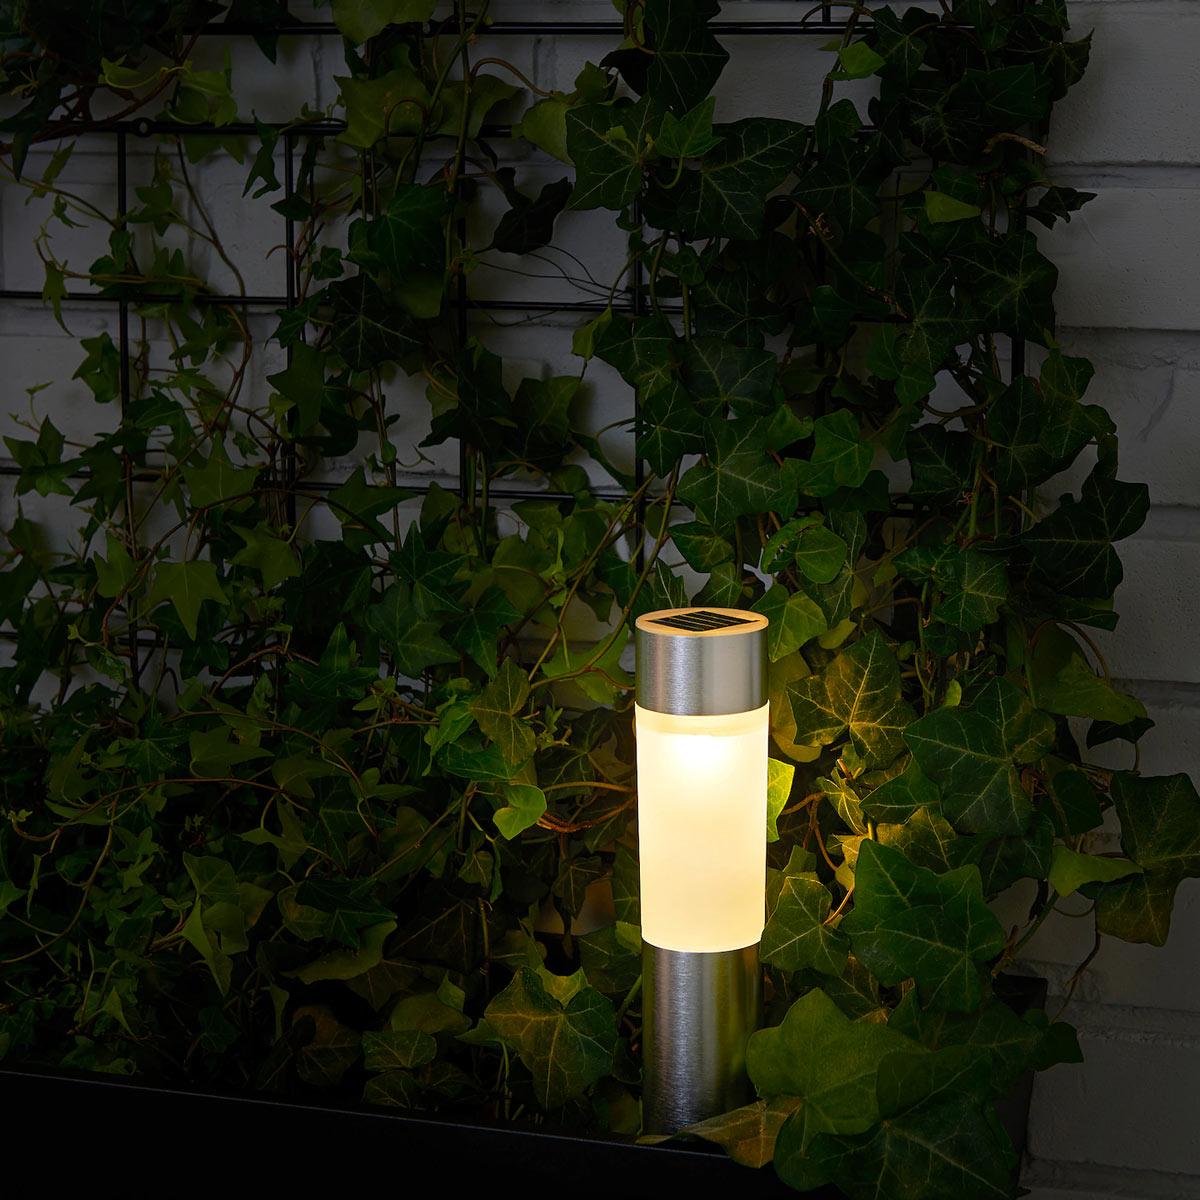 Luci solari IKEA per il giardino.